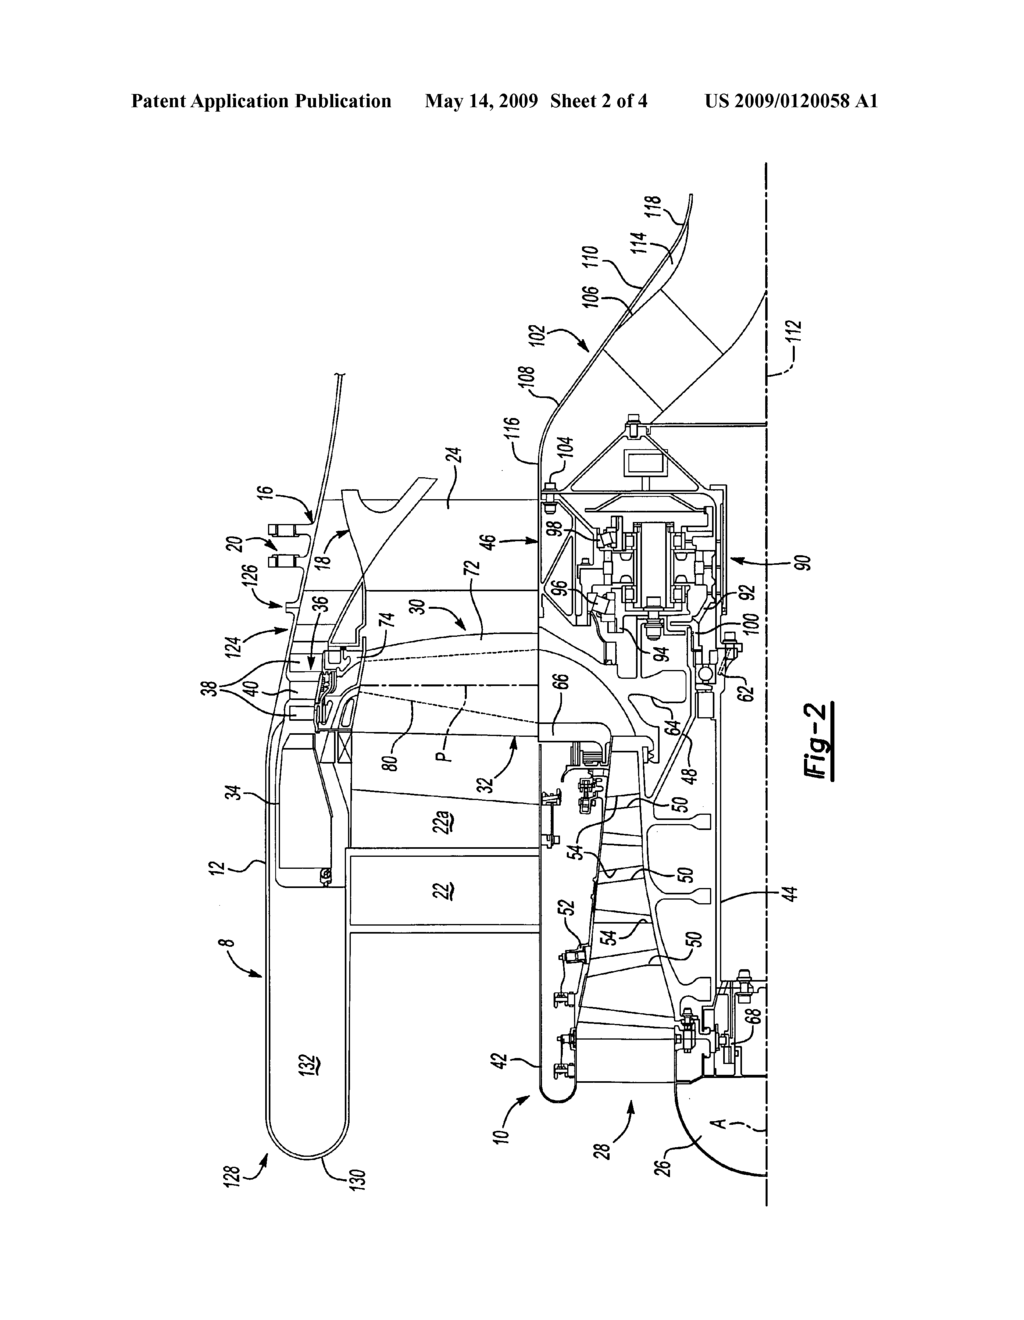 Daihatsu Rocky Wiring Diagram. Daihatsu. Auto Wiring Diagram